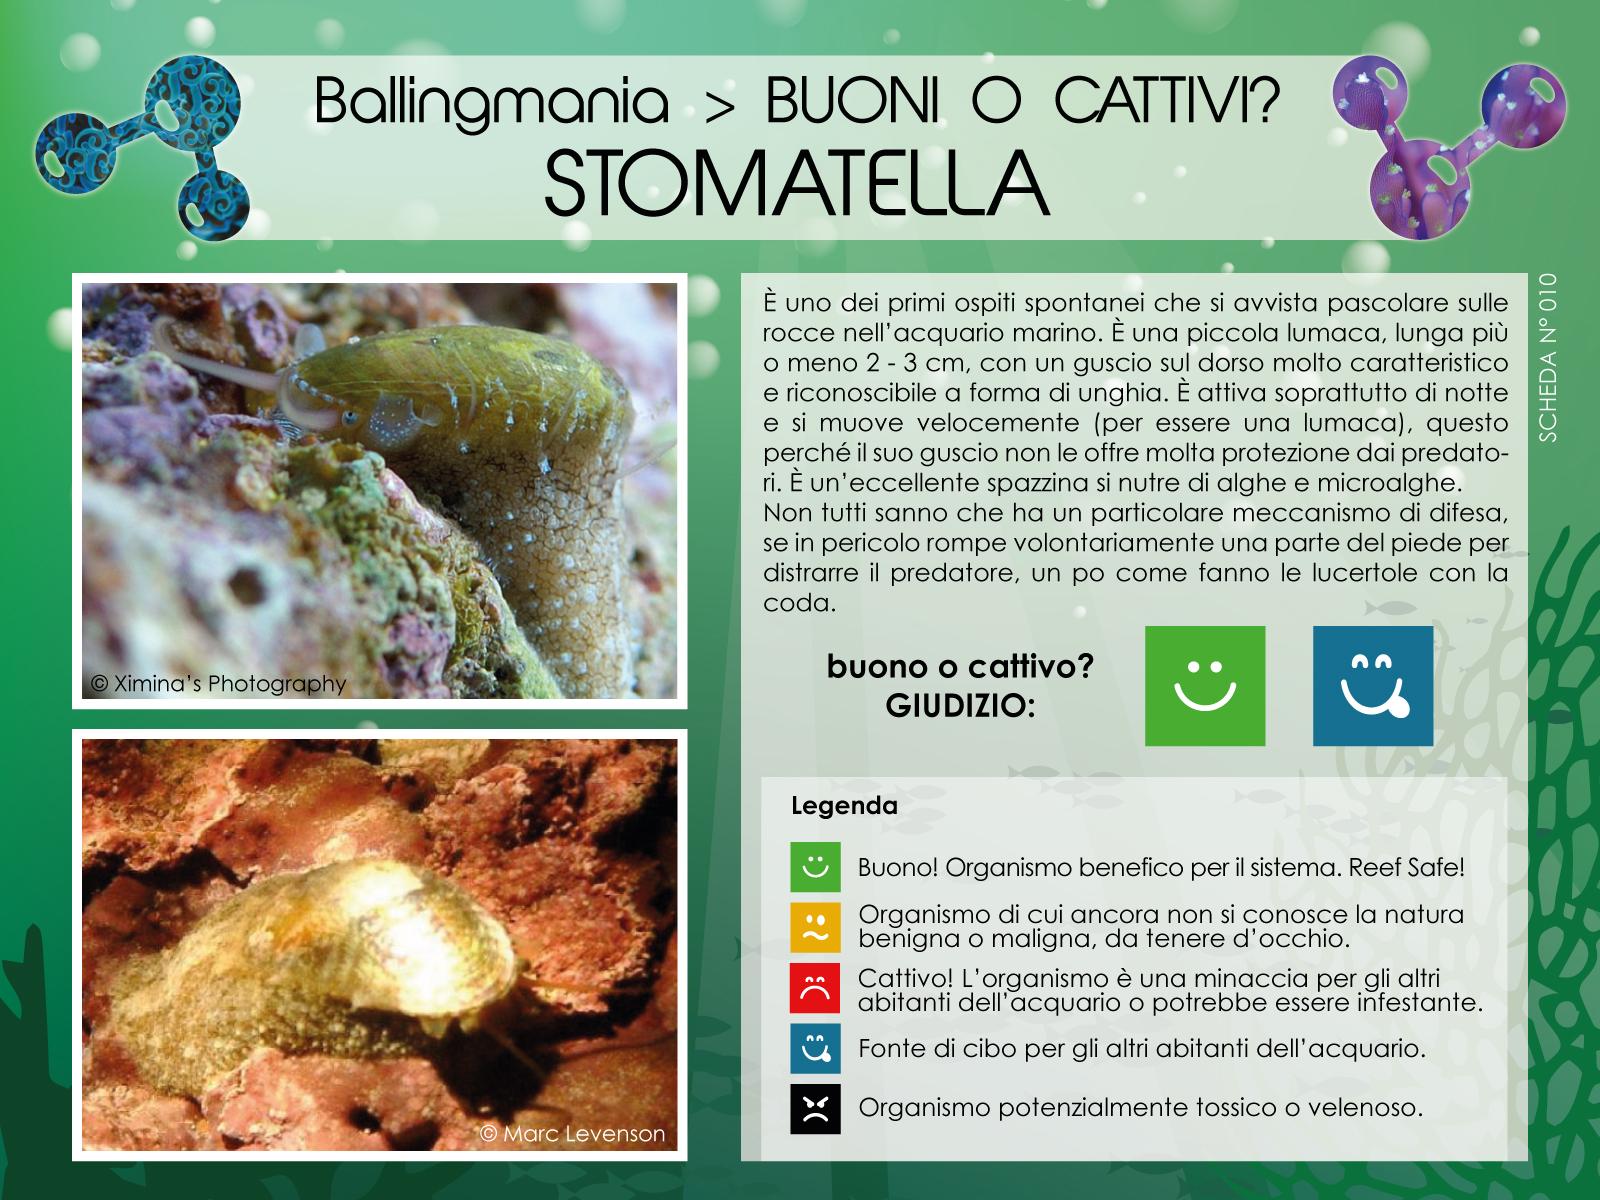 Stomatella